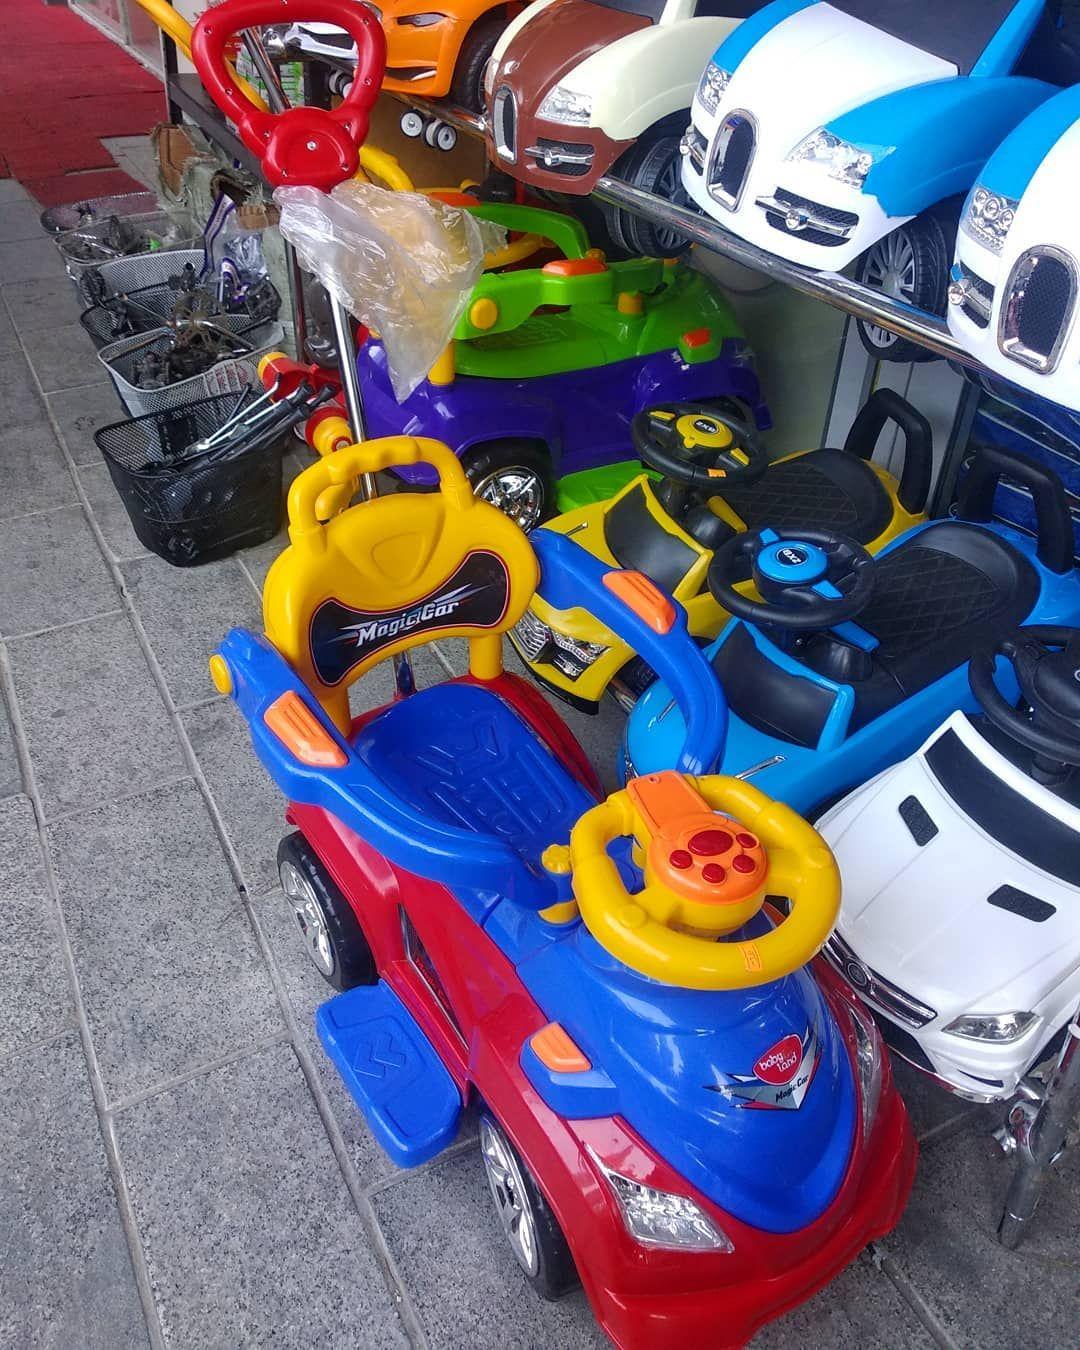 Uaq N La Hdiyy Seimi Hm Valideyin Hm Da Uaq Pz Sr Bilr Lav Toy Car Toys Car